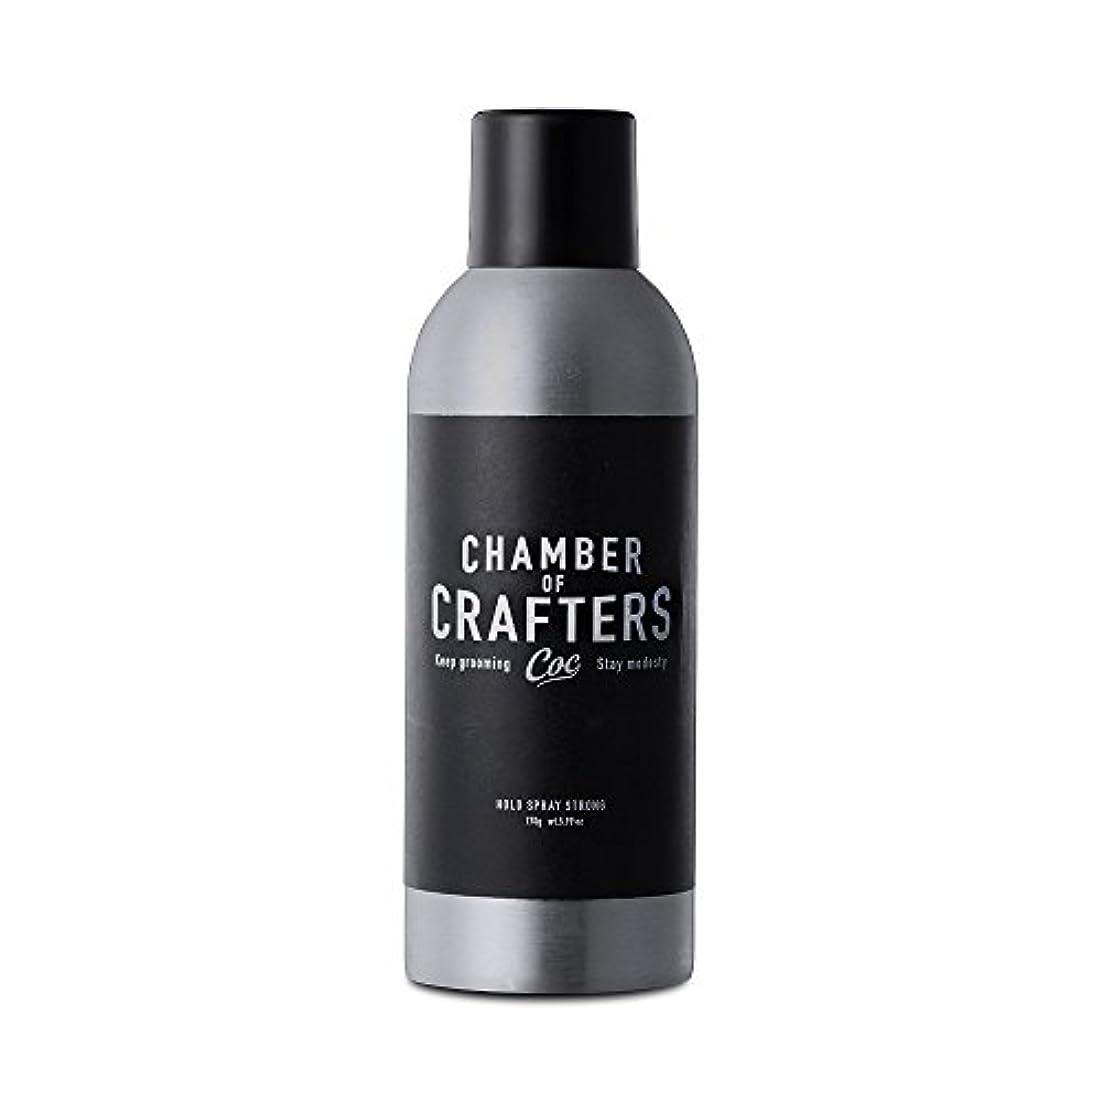 素子モナリザ暴徒CHAMBER OF CRAFTERS チェンバーオブクラフターズ ホールドスプレー 170g シトラスグリーンの香り